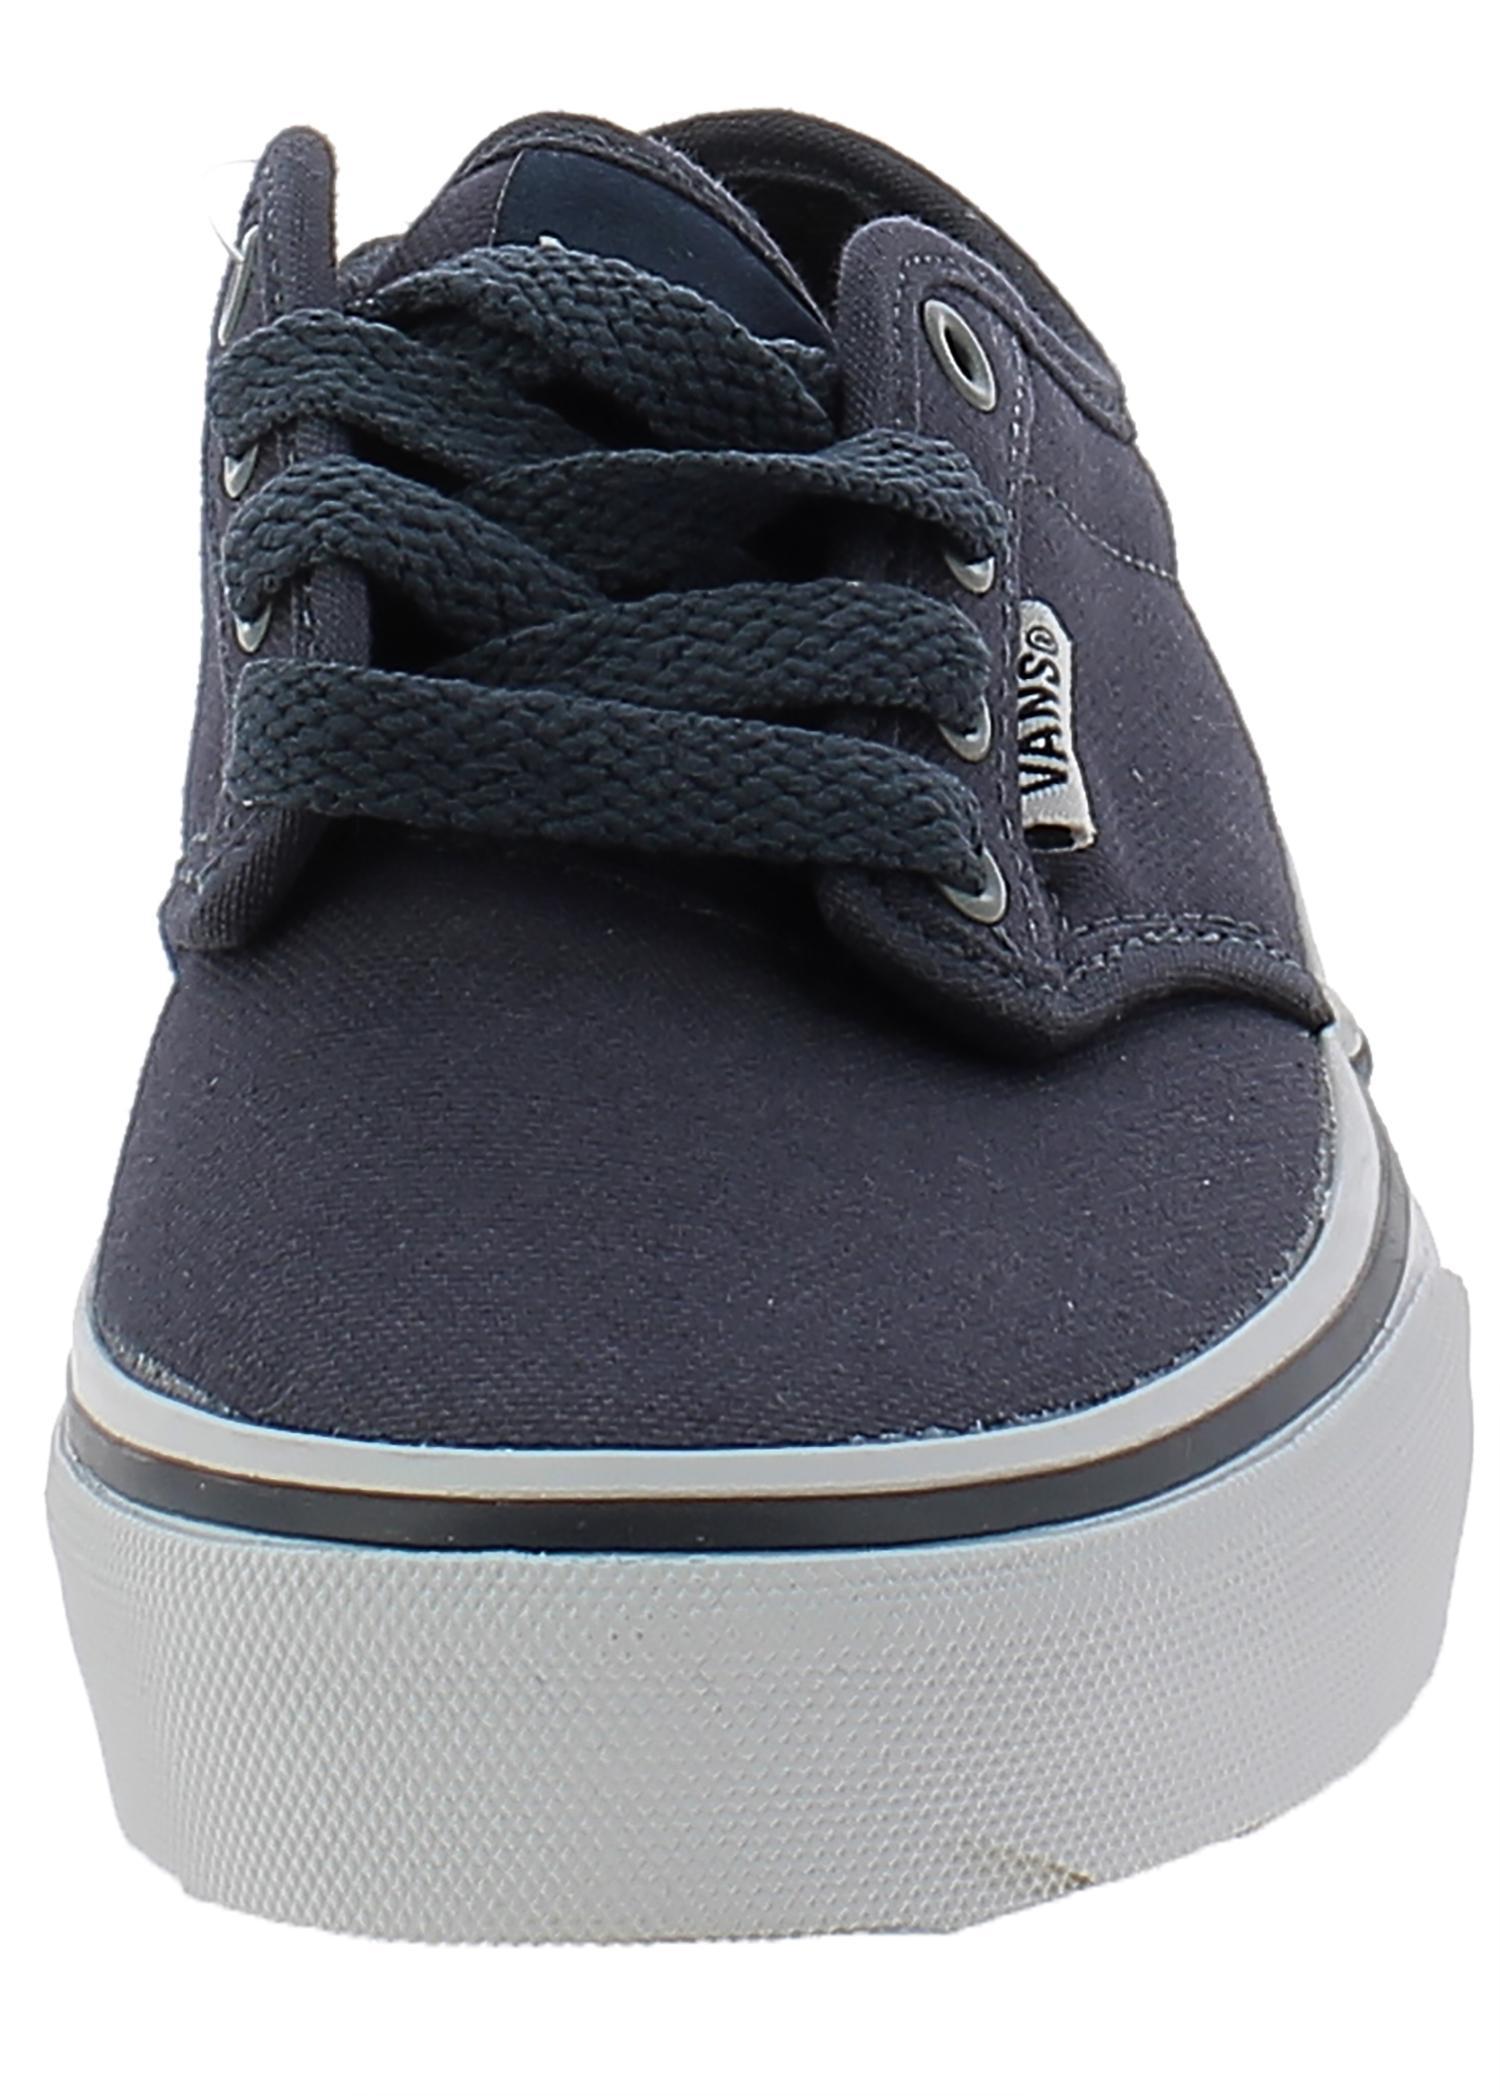 vans vans atwood scarpe bambino blu tela  ki54k1